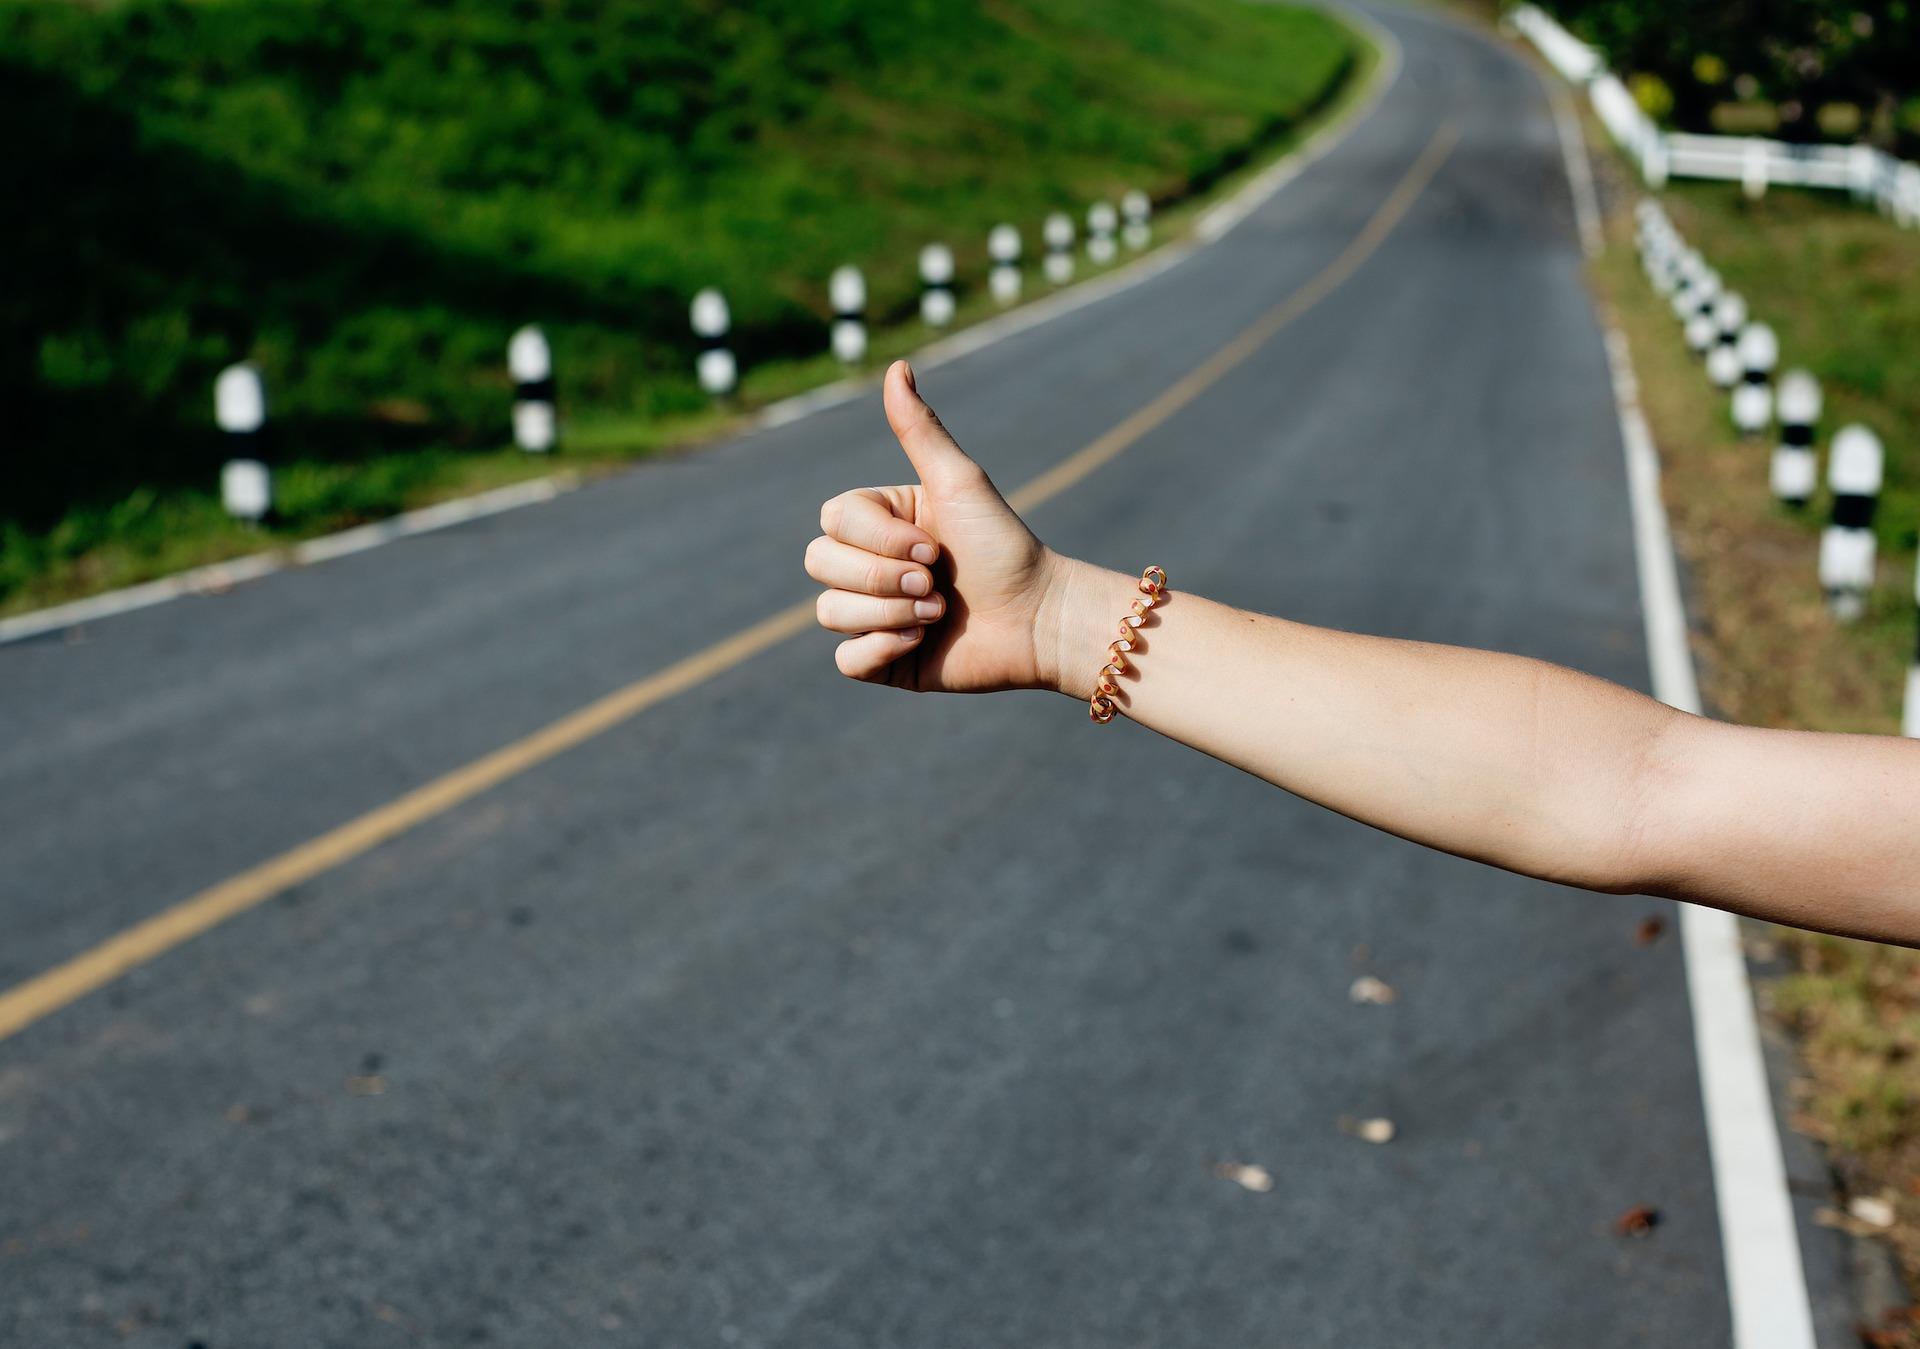 marc-miro-transformacion--liderazgo-desarrollo-personal-coaching-metas-exito-blog-63